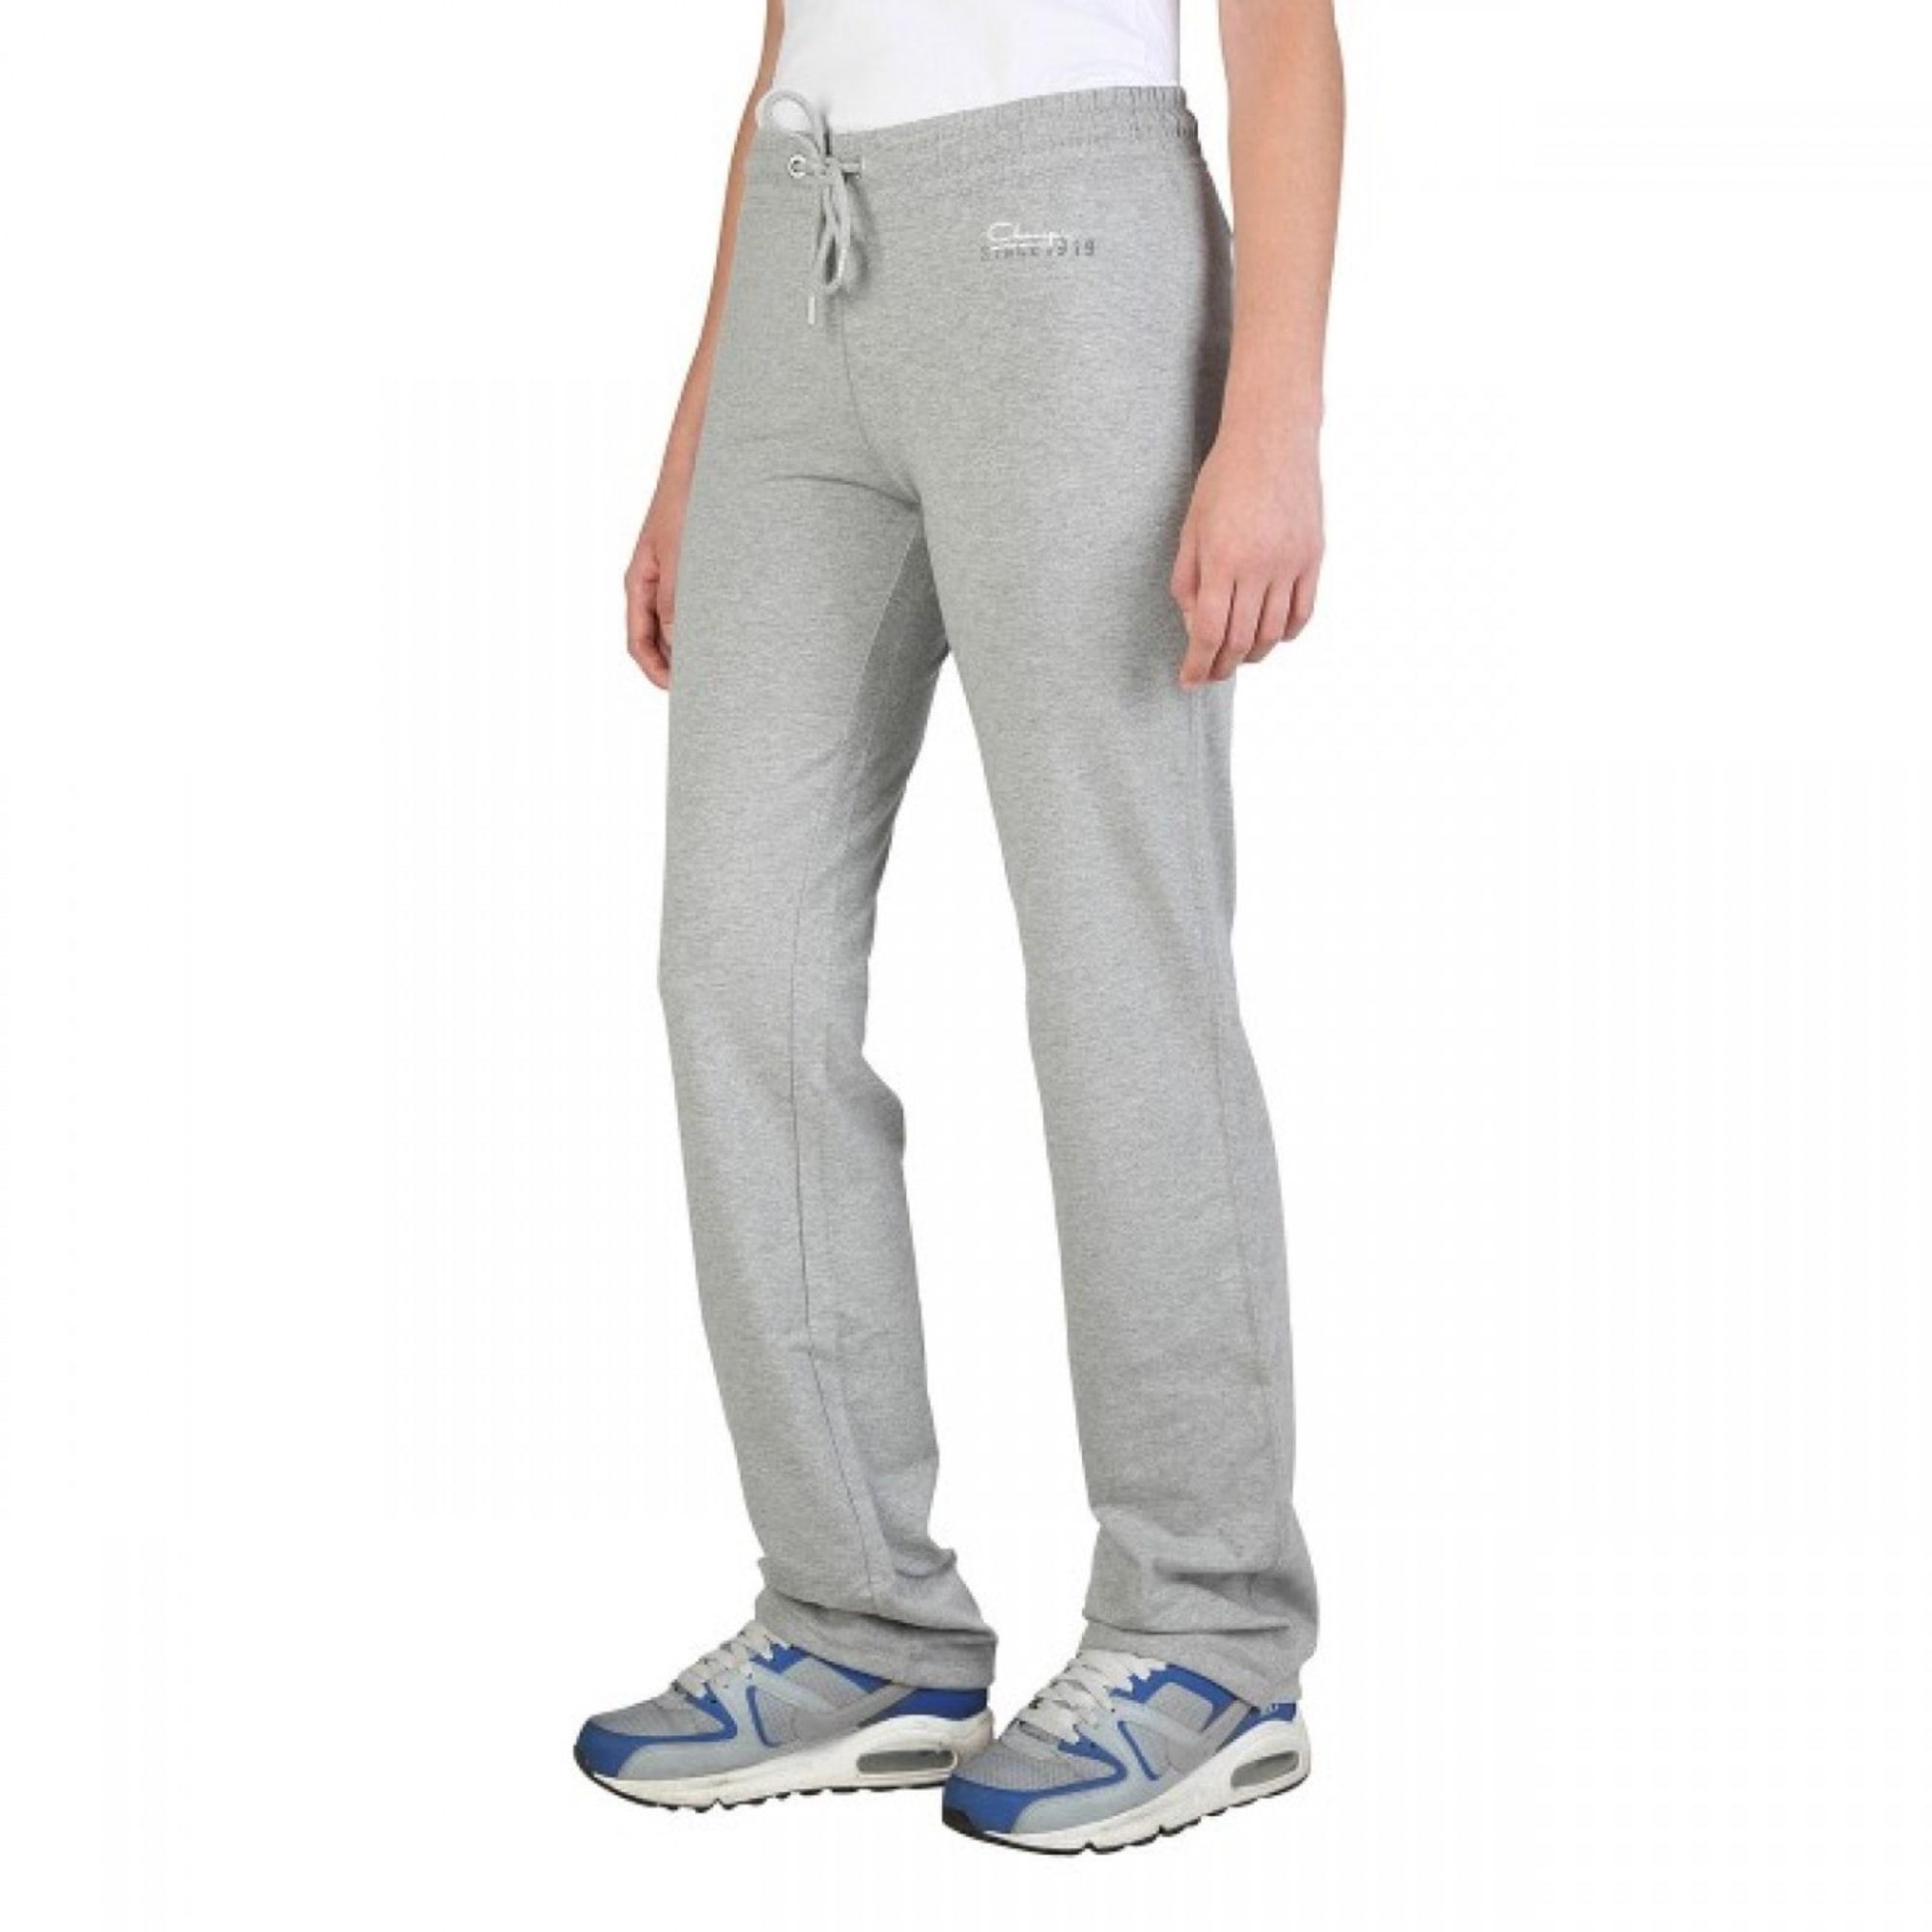 edfe448ceb51 Pantalon de survêtement CHAMPION 34 (XS, T0) gris - 6061137